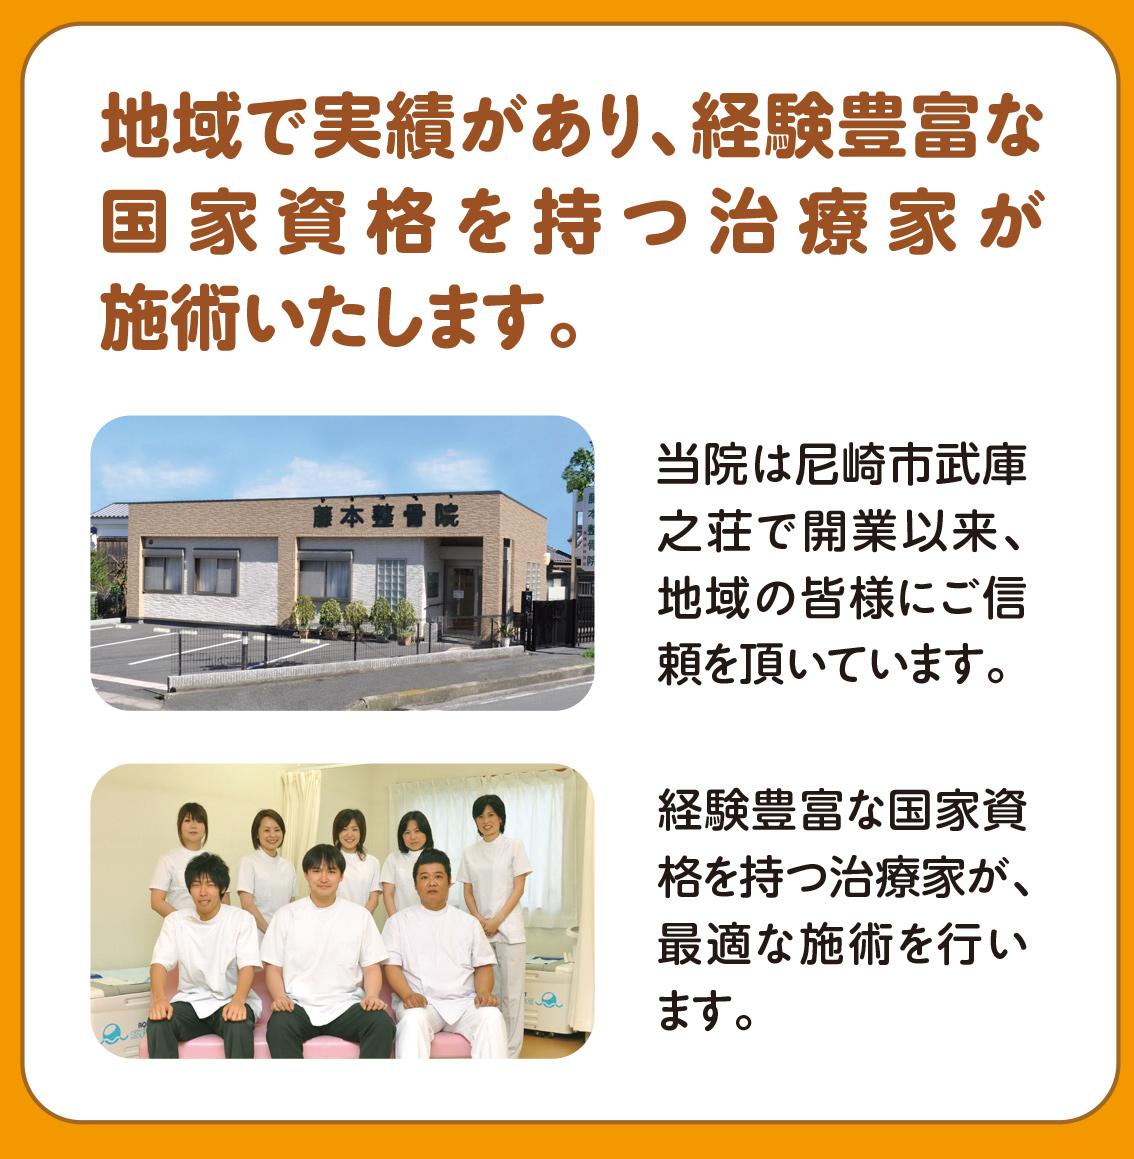 地域で実績があり経験豊富な尼崎市武庫之荘の藤本整骨院スタッフが訪問鍼灸マッサージ施術いたします